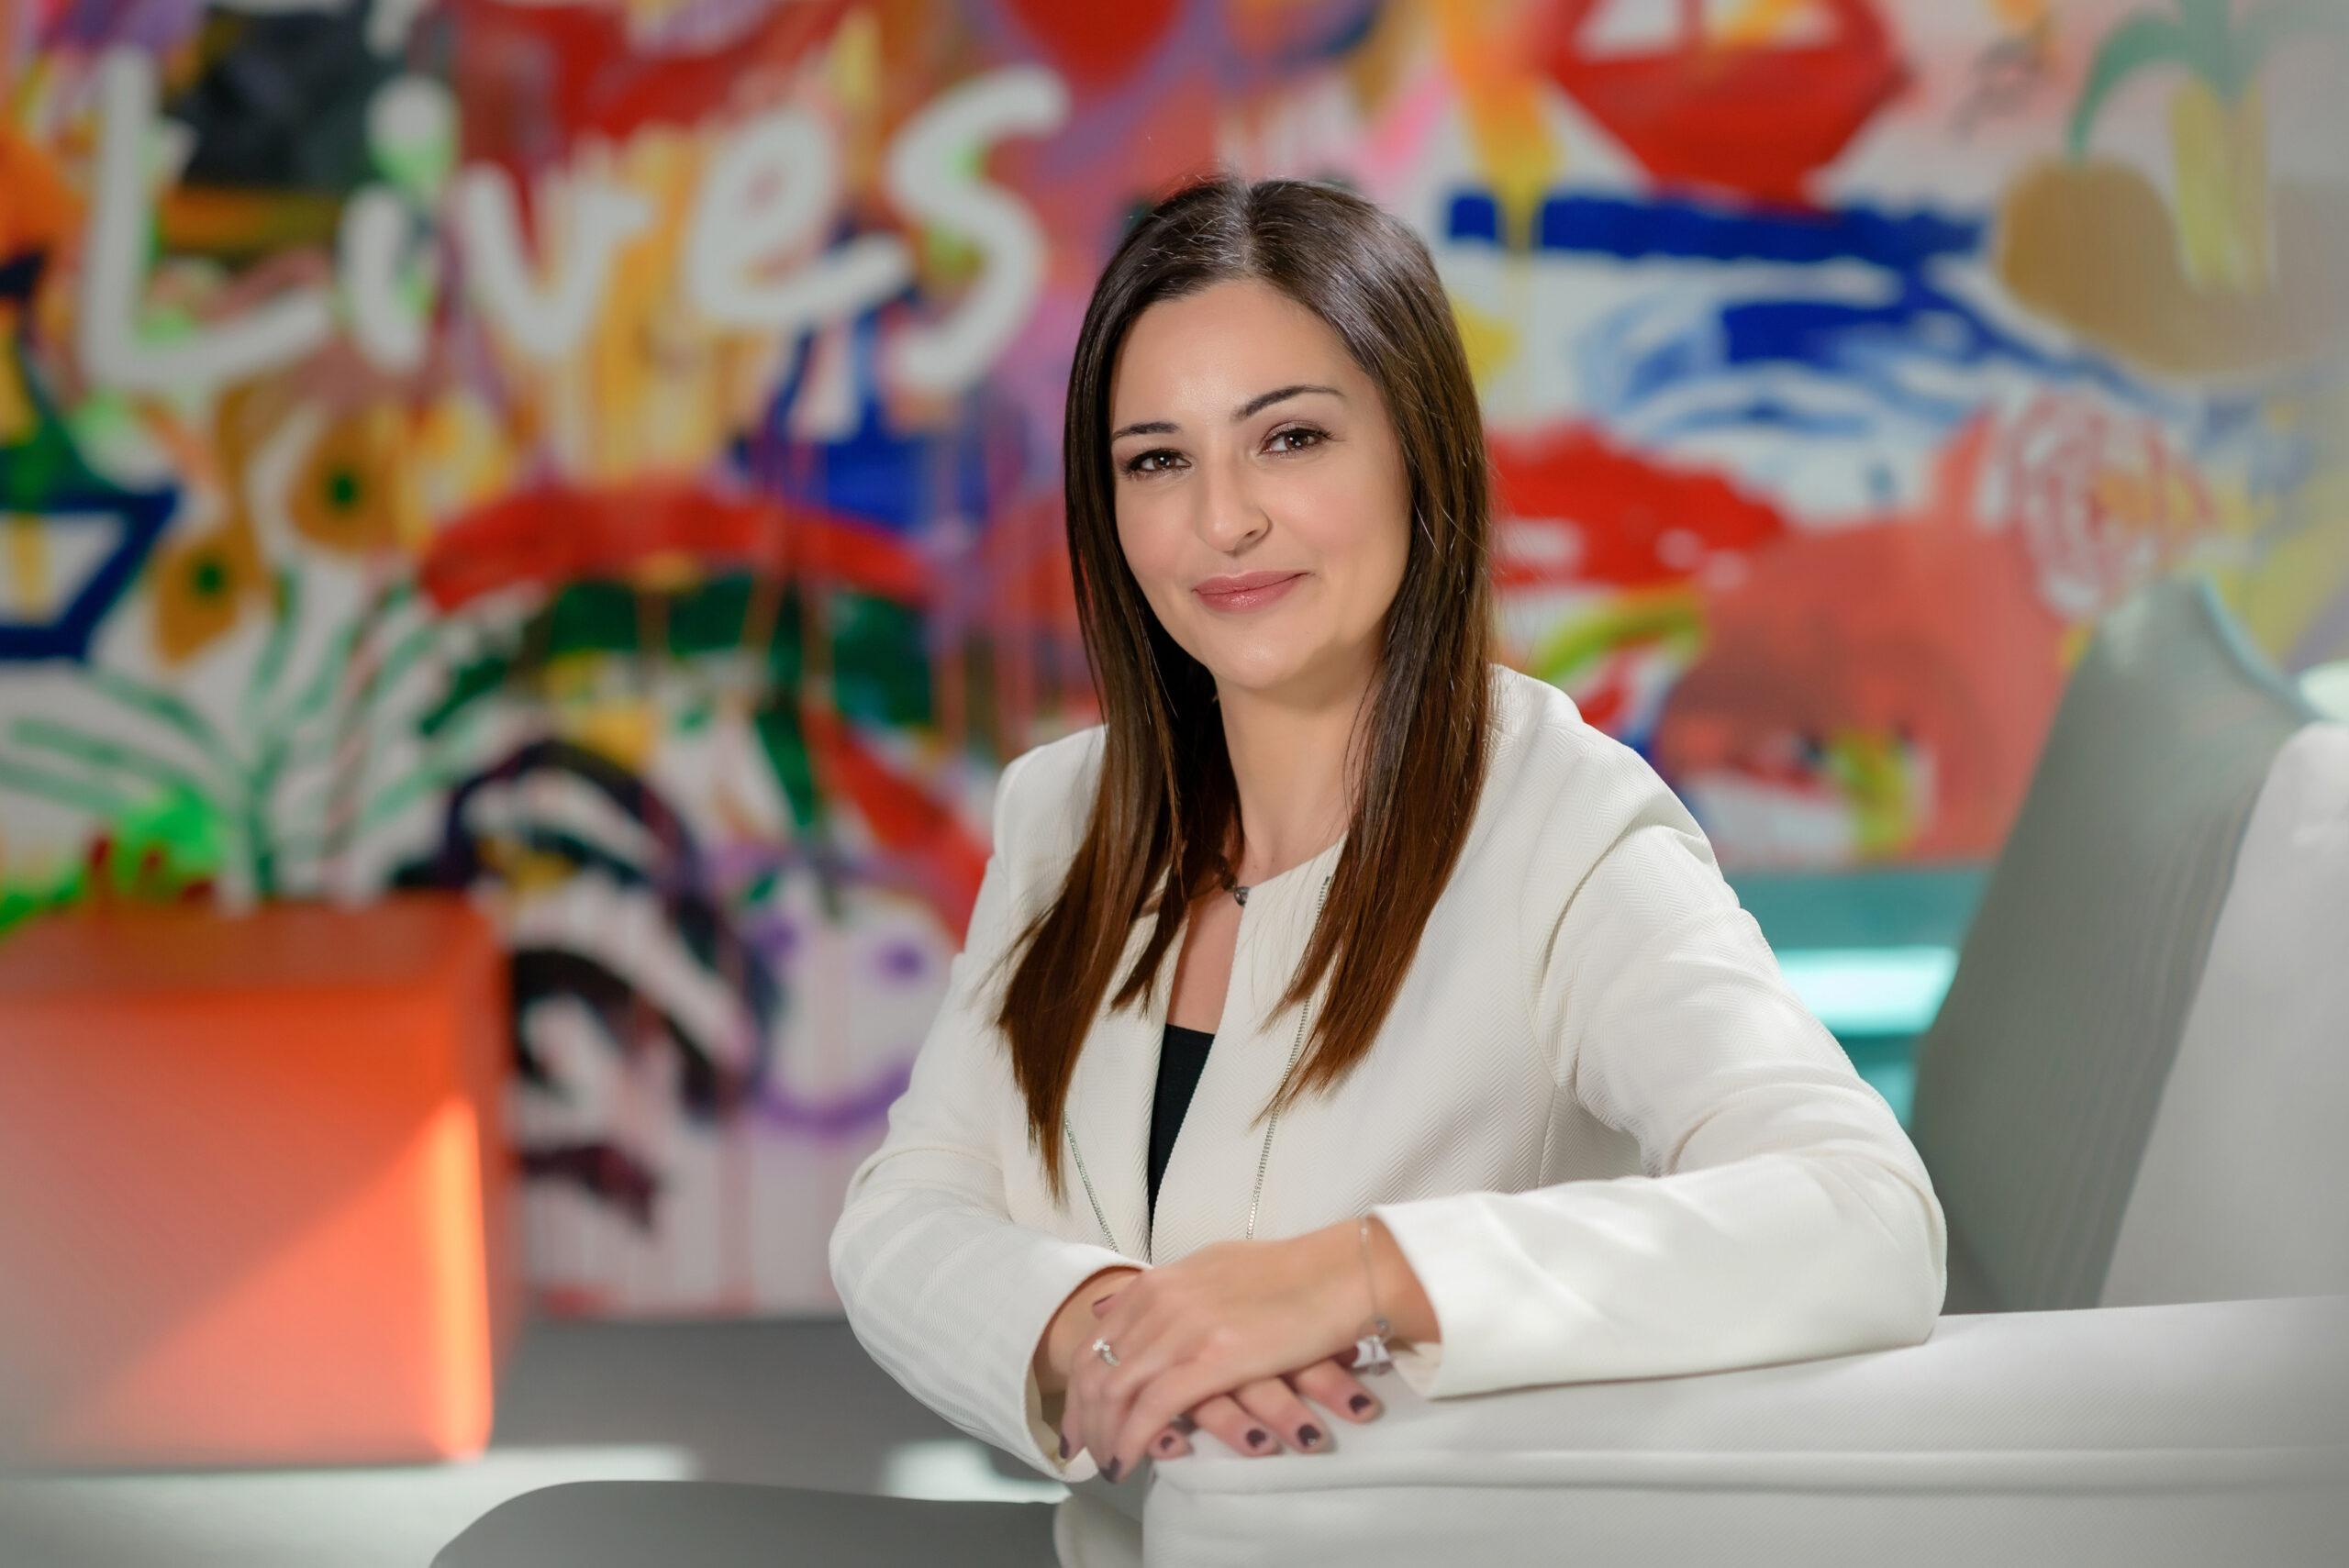 Η Ελισάβετ Προδρόμου, Γενική Διευθύντρια Bristol Myers Squibb Ελλάδας